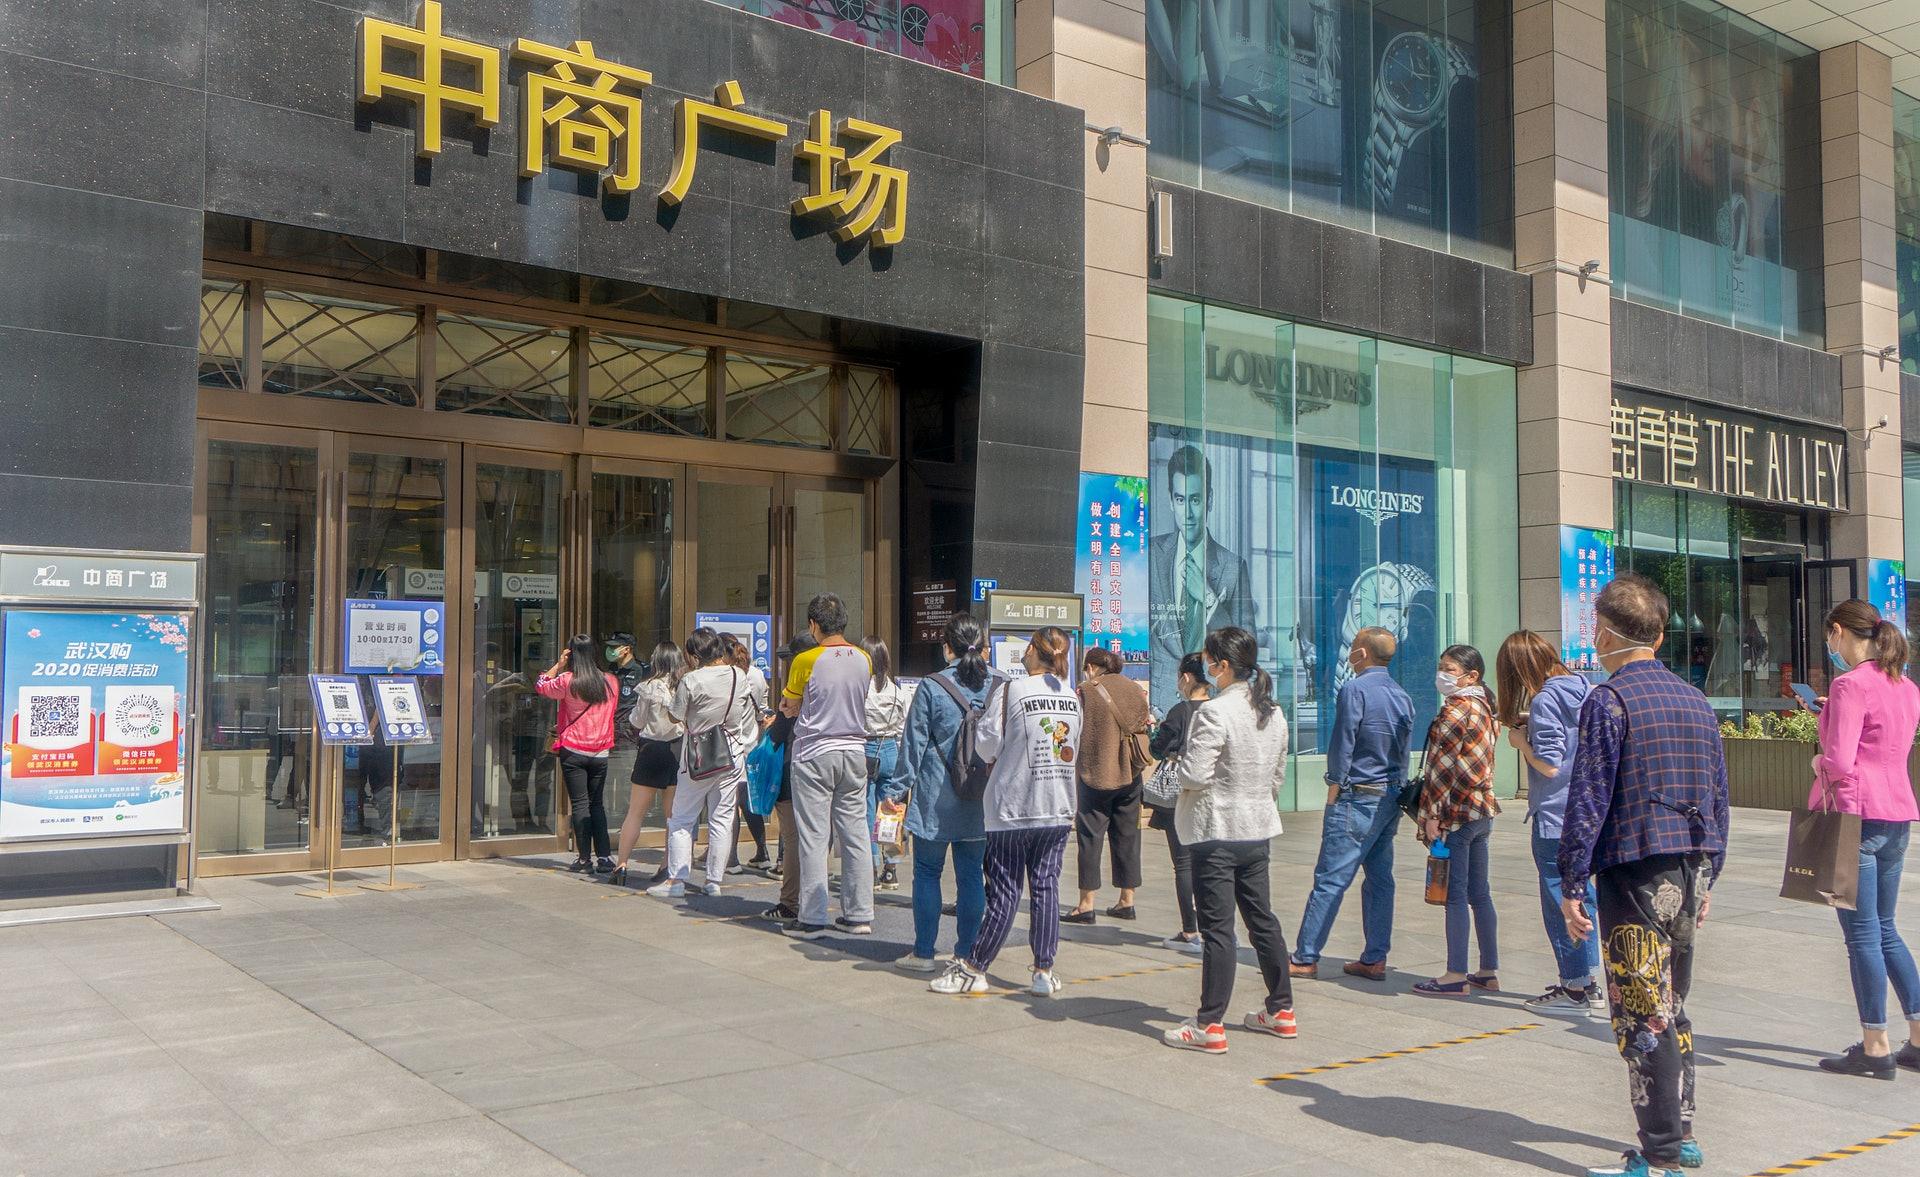 向市民发放消费券成为中国政府刺激消费的重要方式。图为4月27日武汉市民前往中商广场使用消费券购物。(视觉中国)